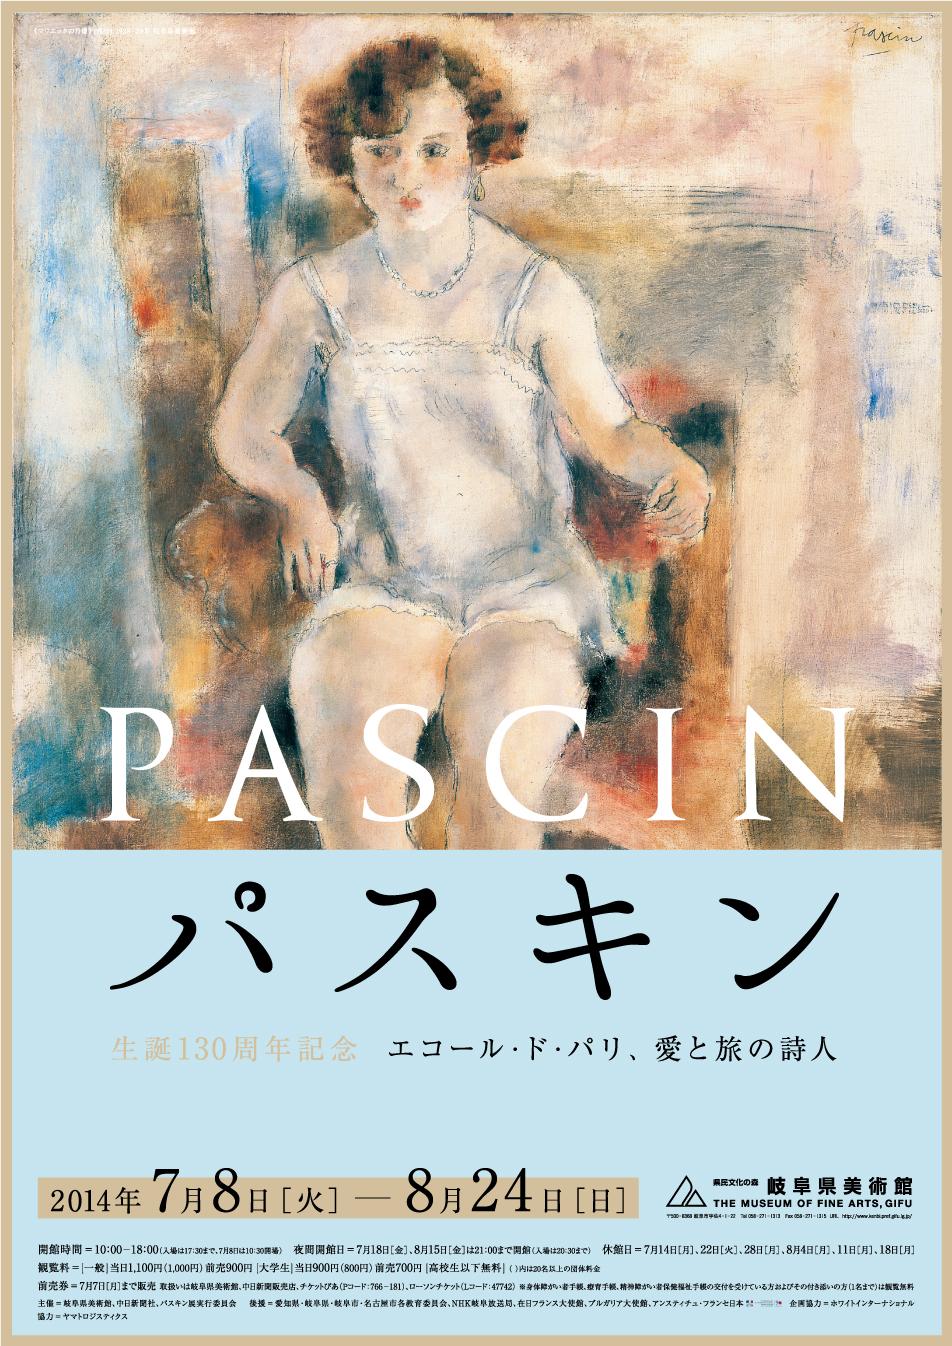 paschin01